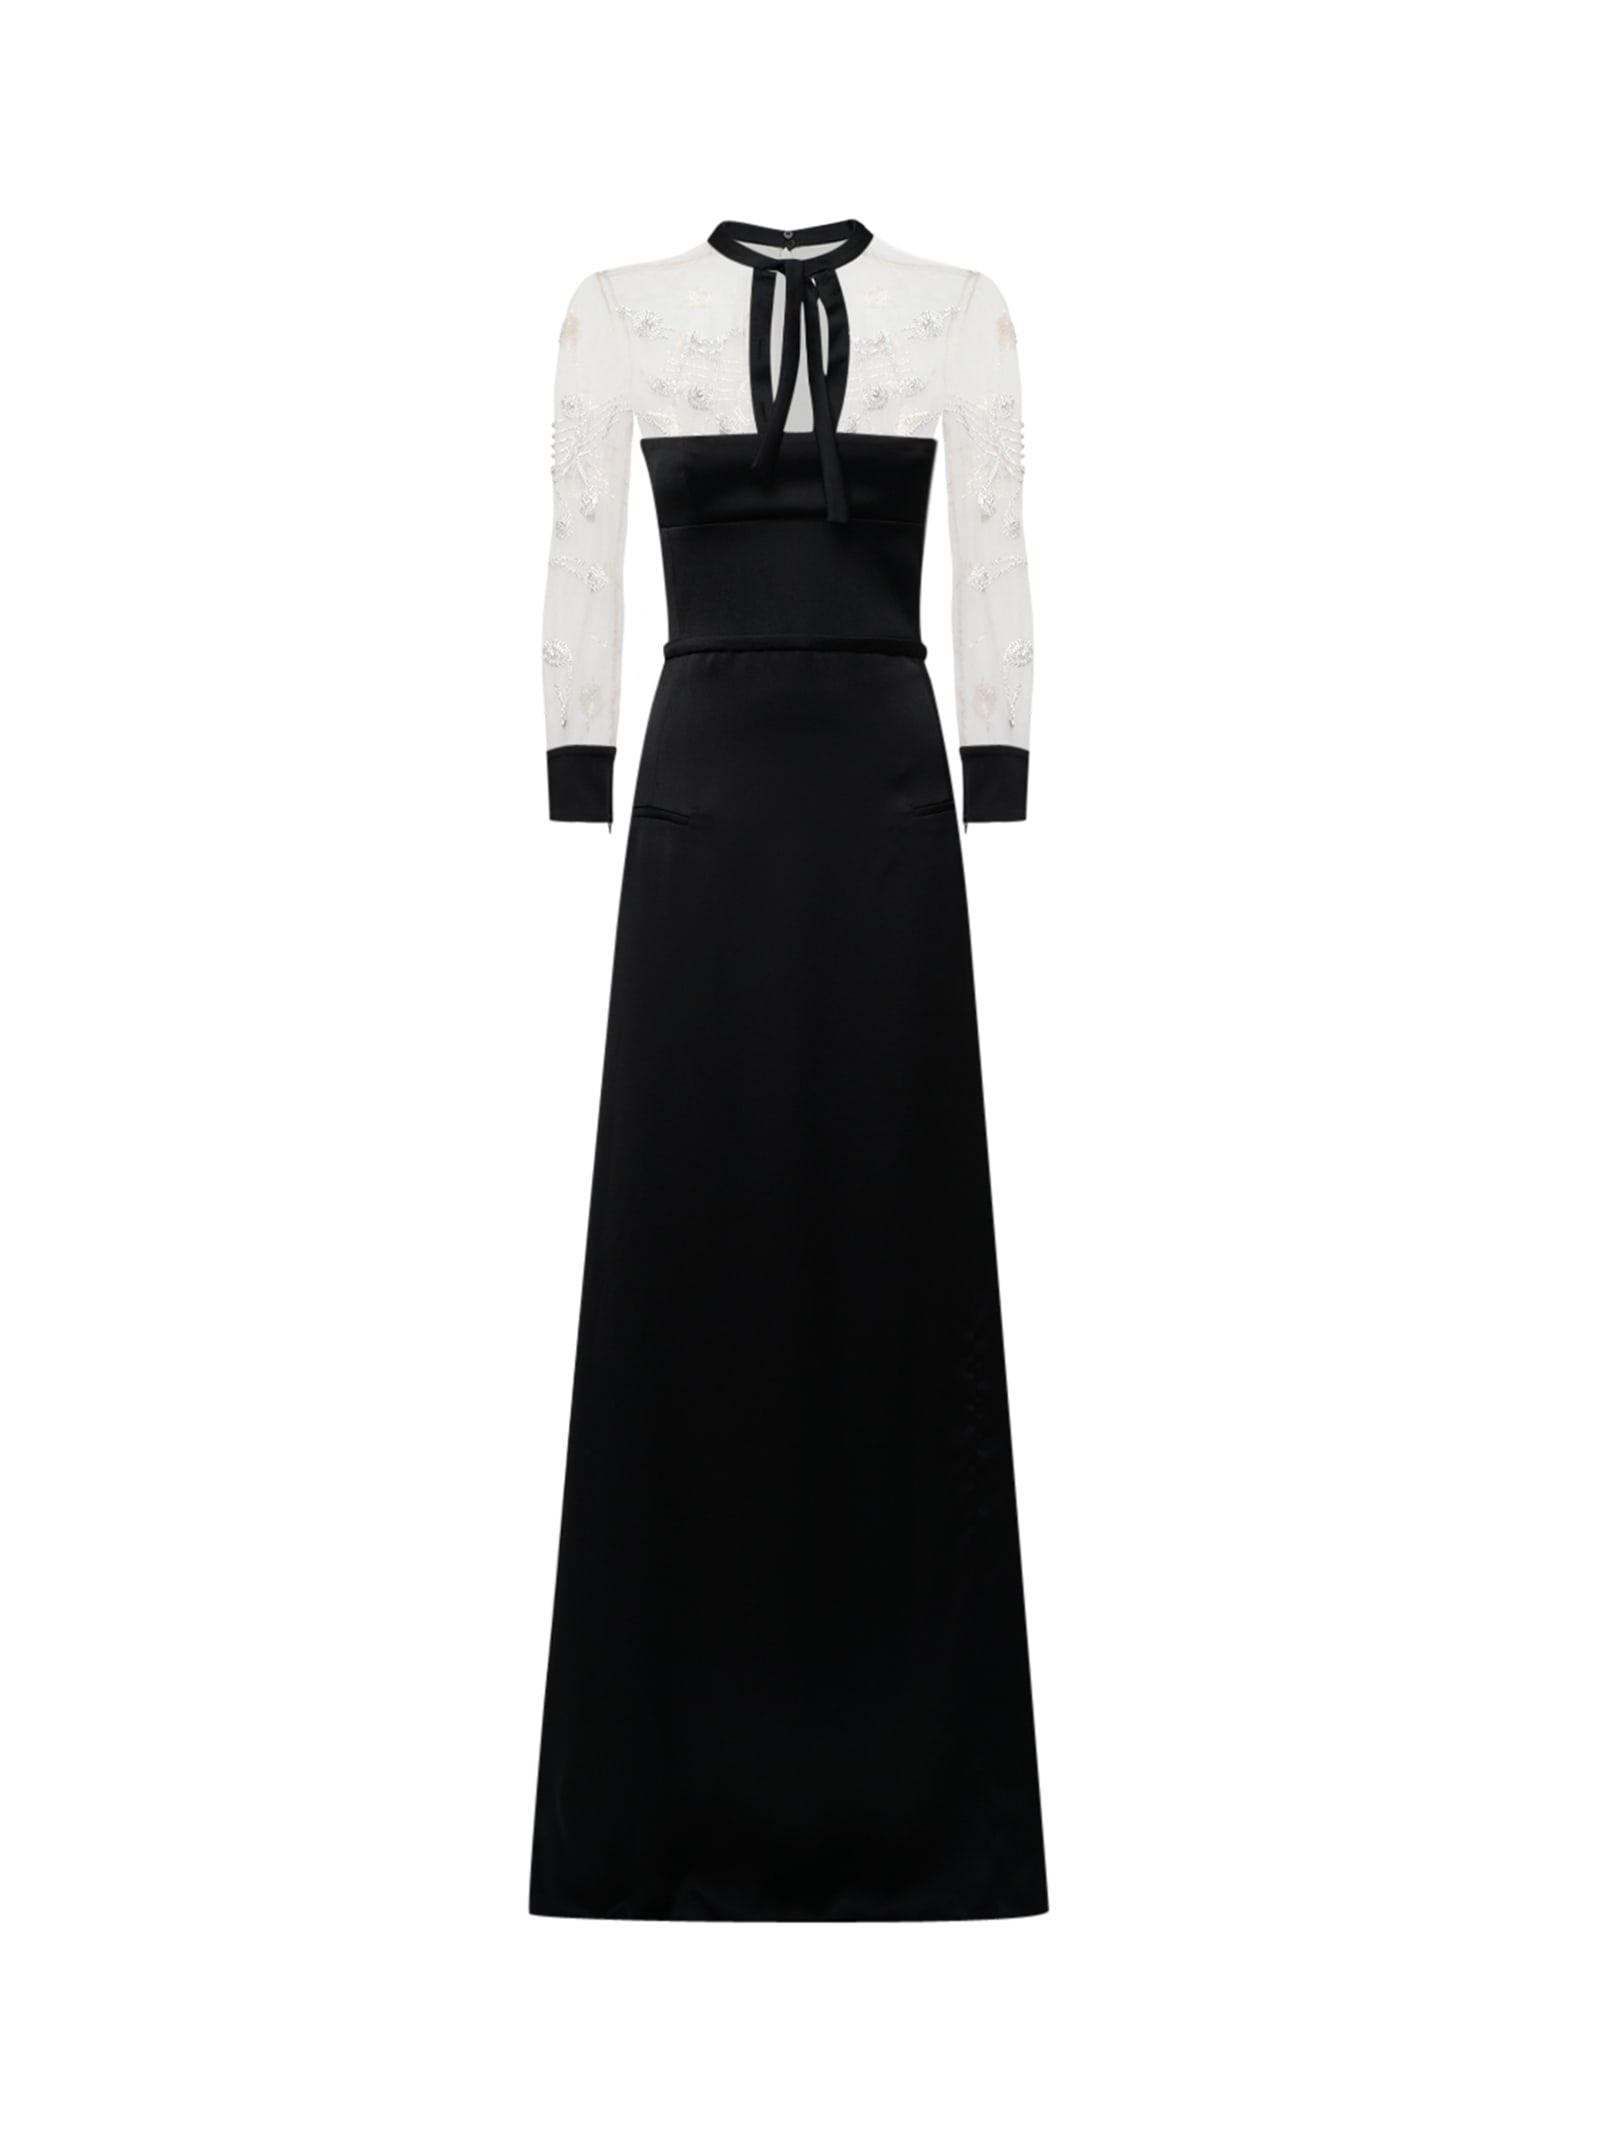 Crystal-embellished Black Long Dress